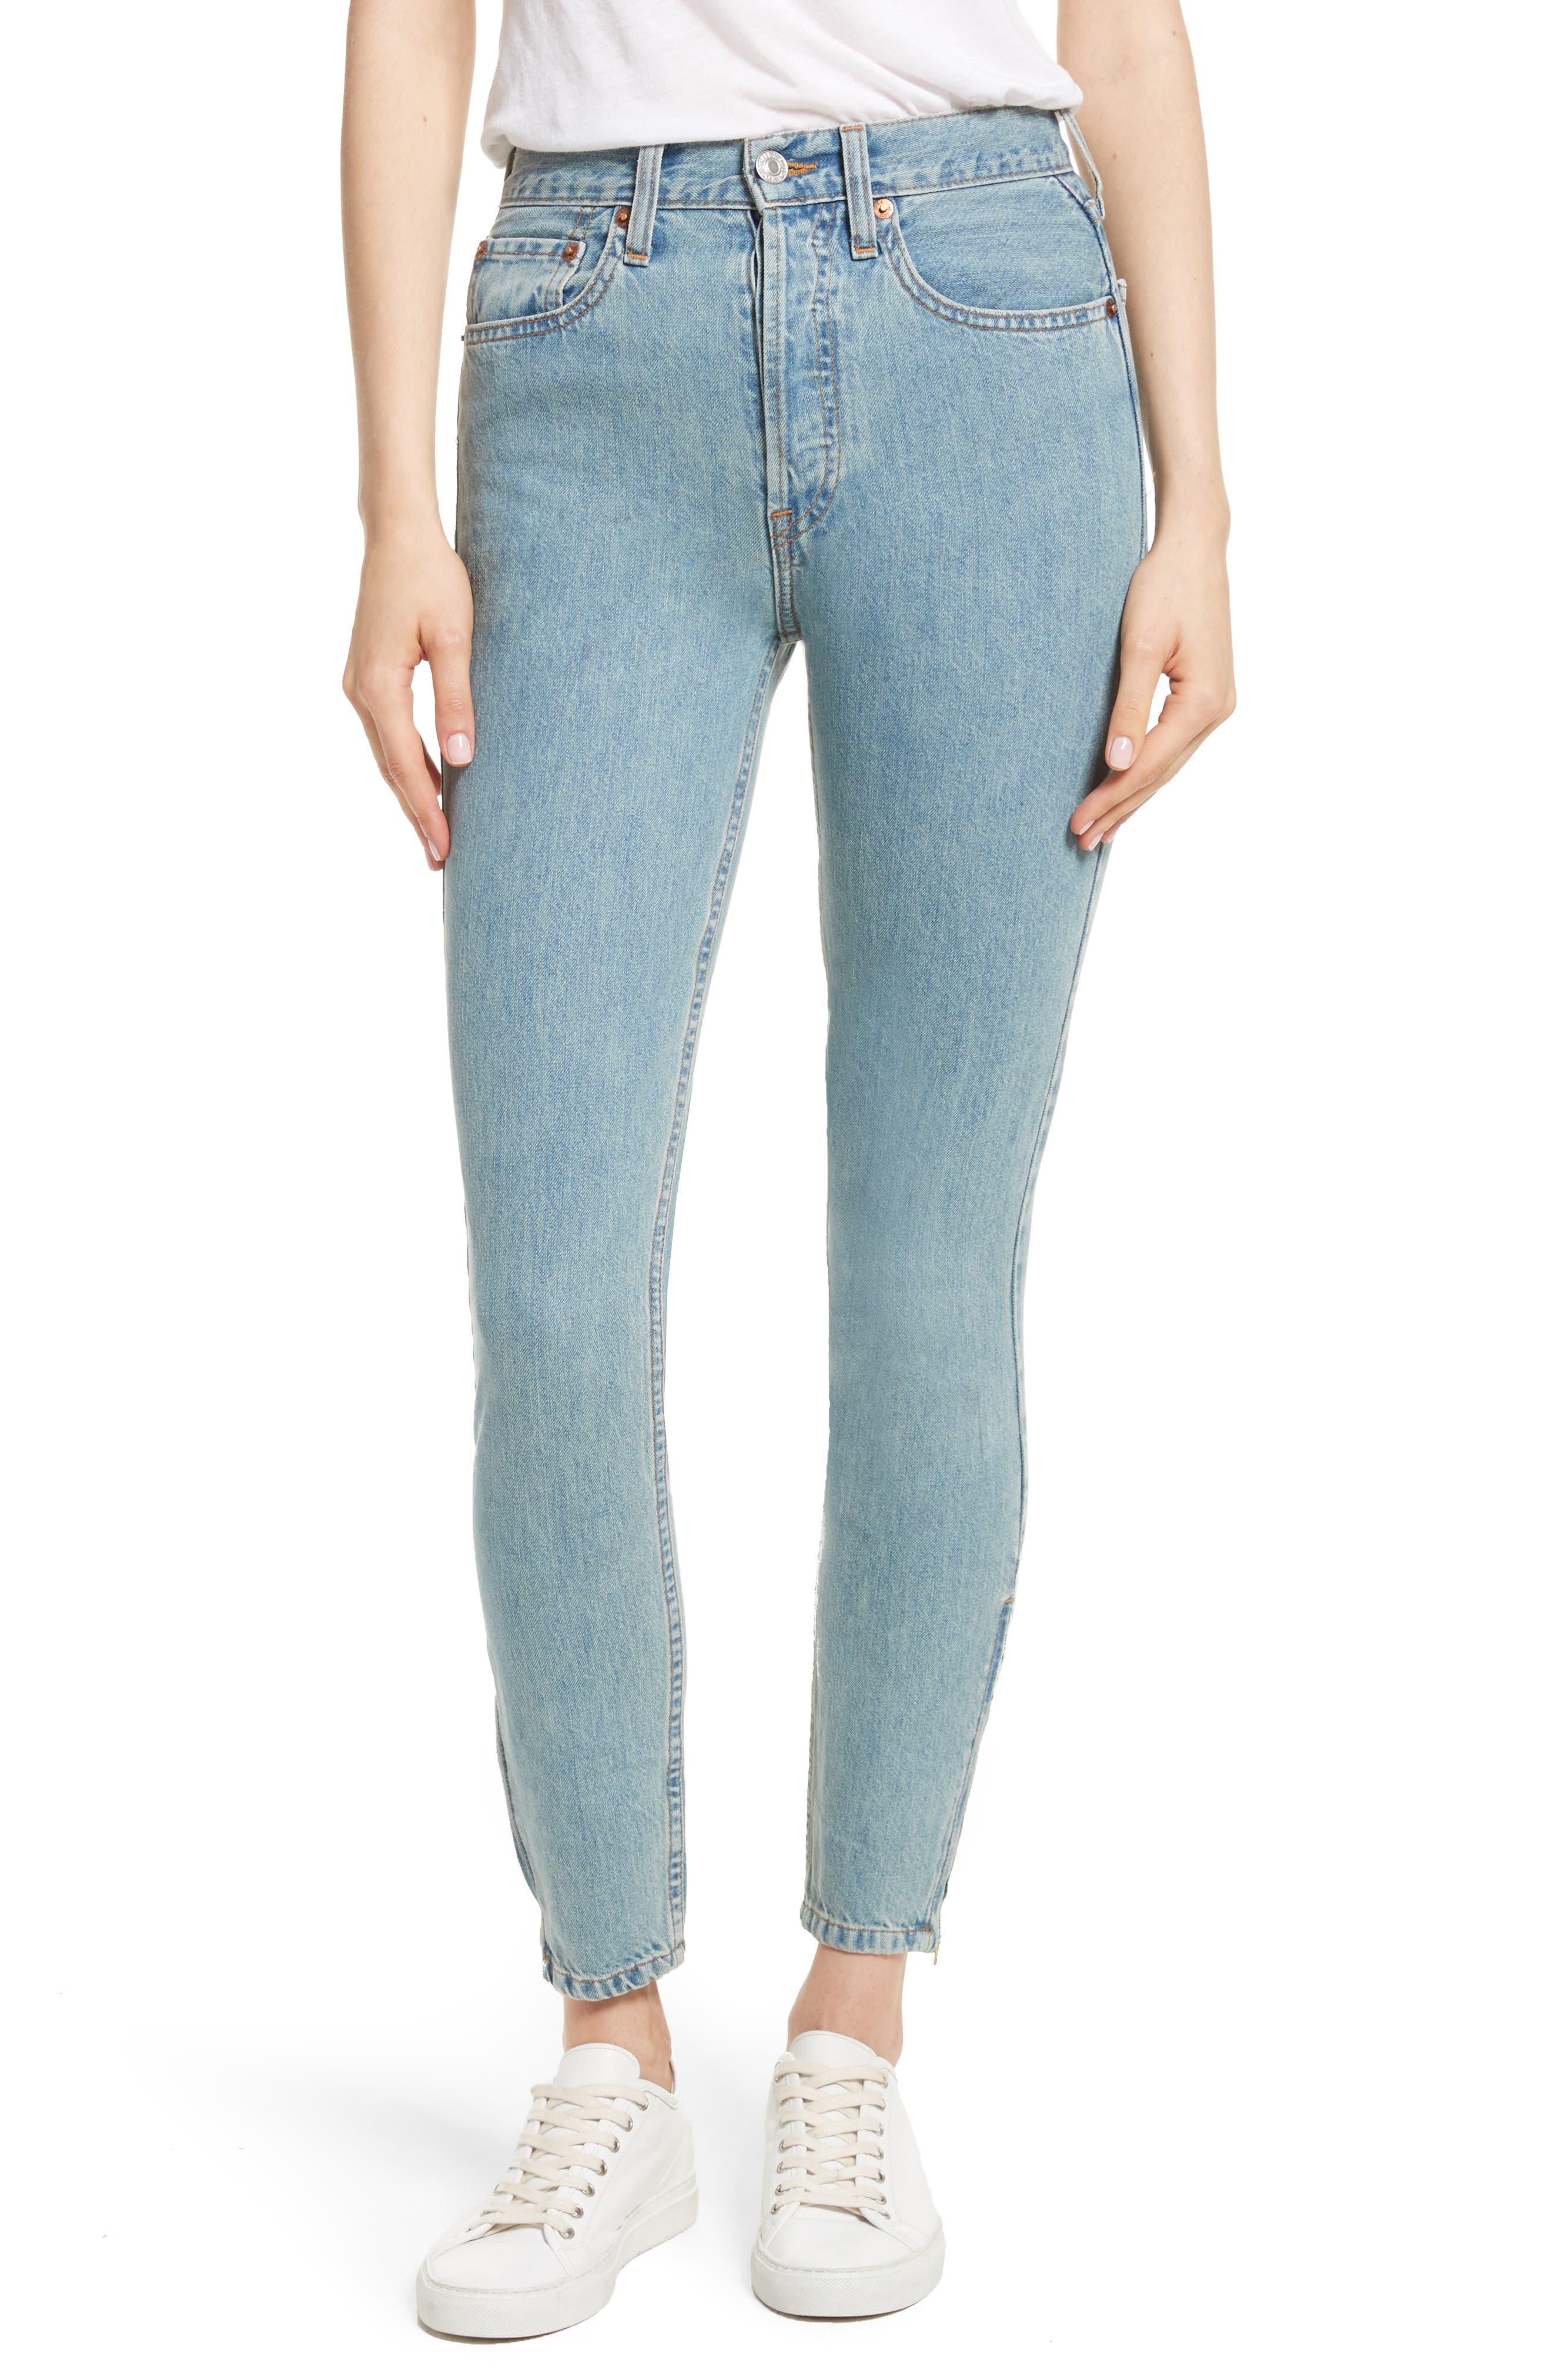 Originals High Waist Ankle Zip Jeans,                         Main,                         color, 90S